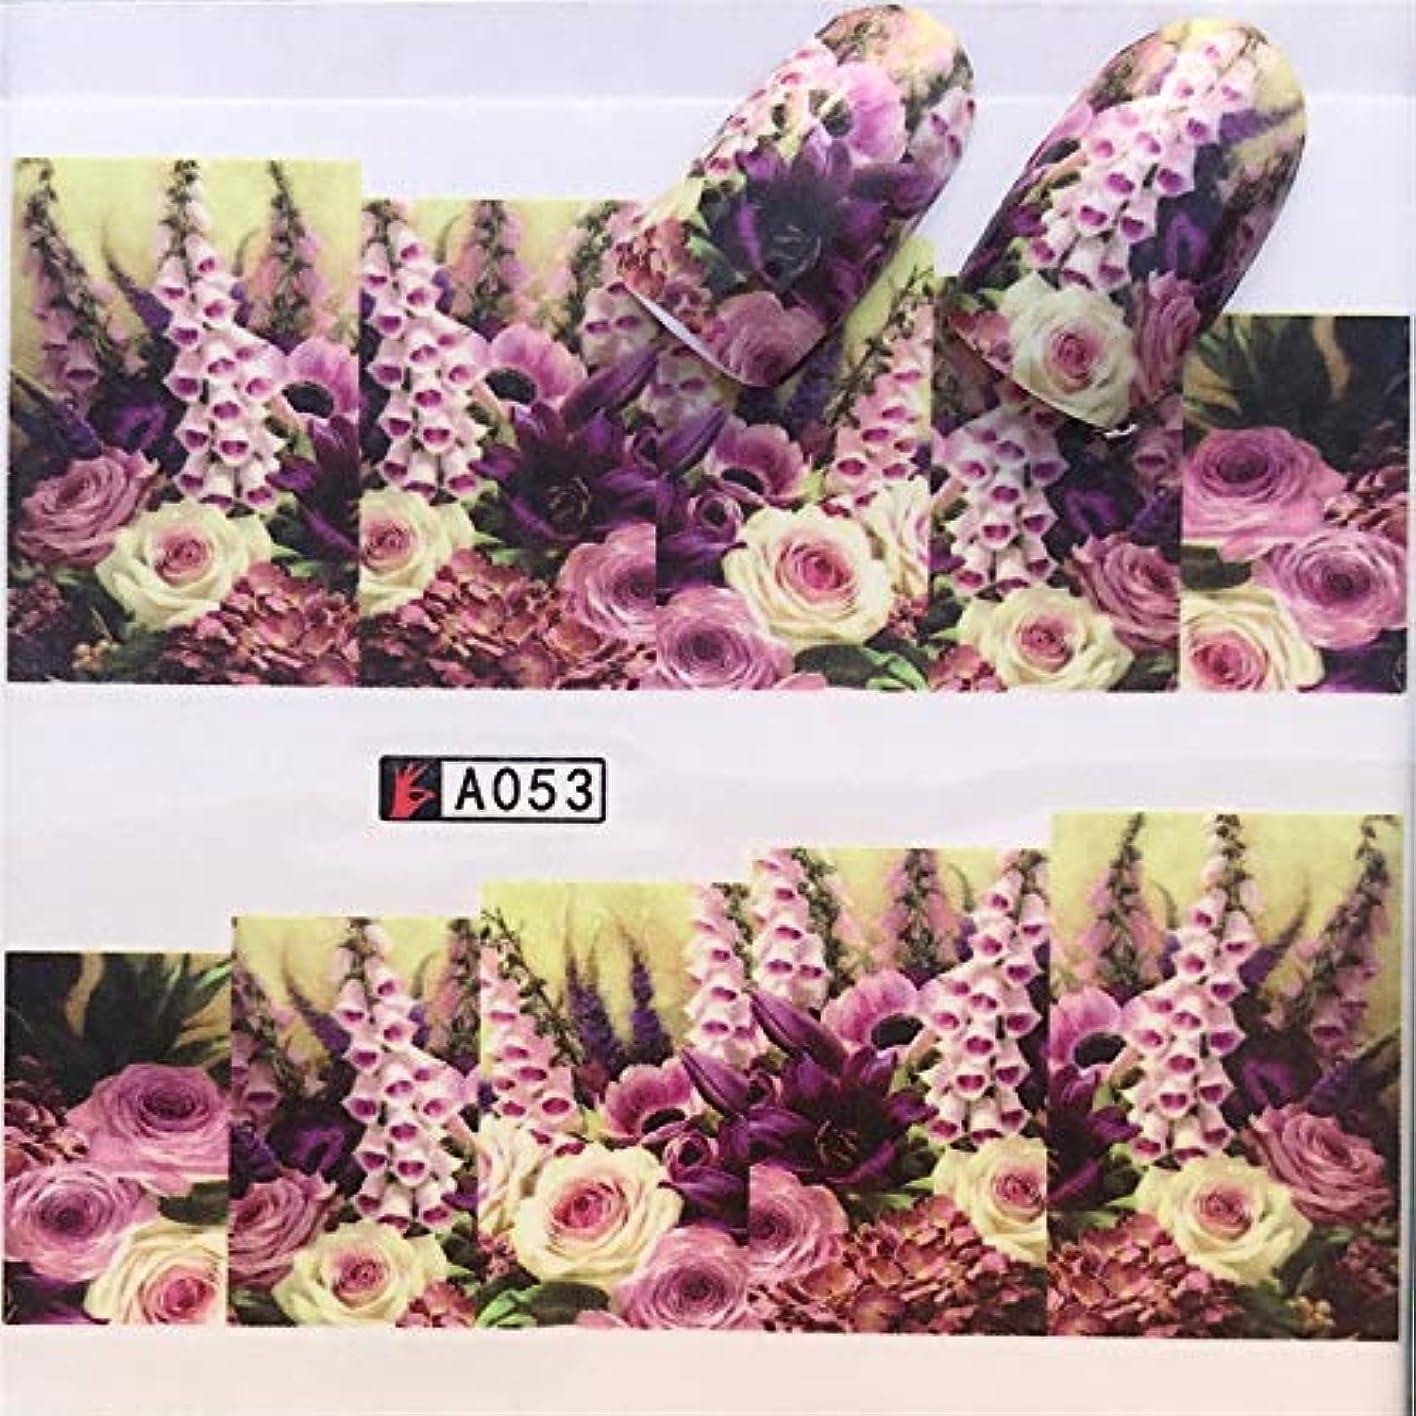 食品手伝う支店手足ビューティーケア 3個ネイルステッカーセットデカール水転写スライダーネイルアートデコレーション、色:YZWA053